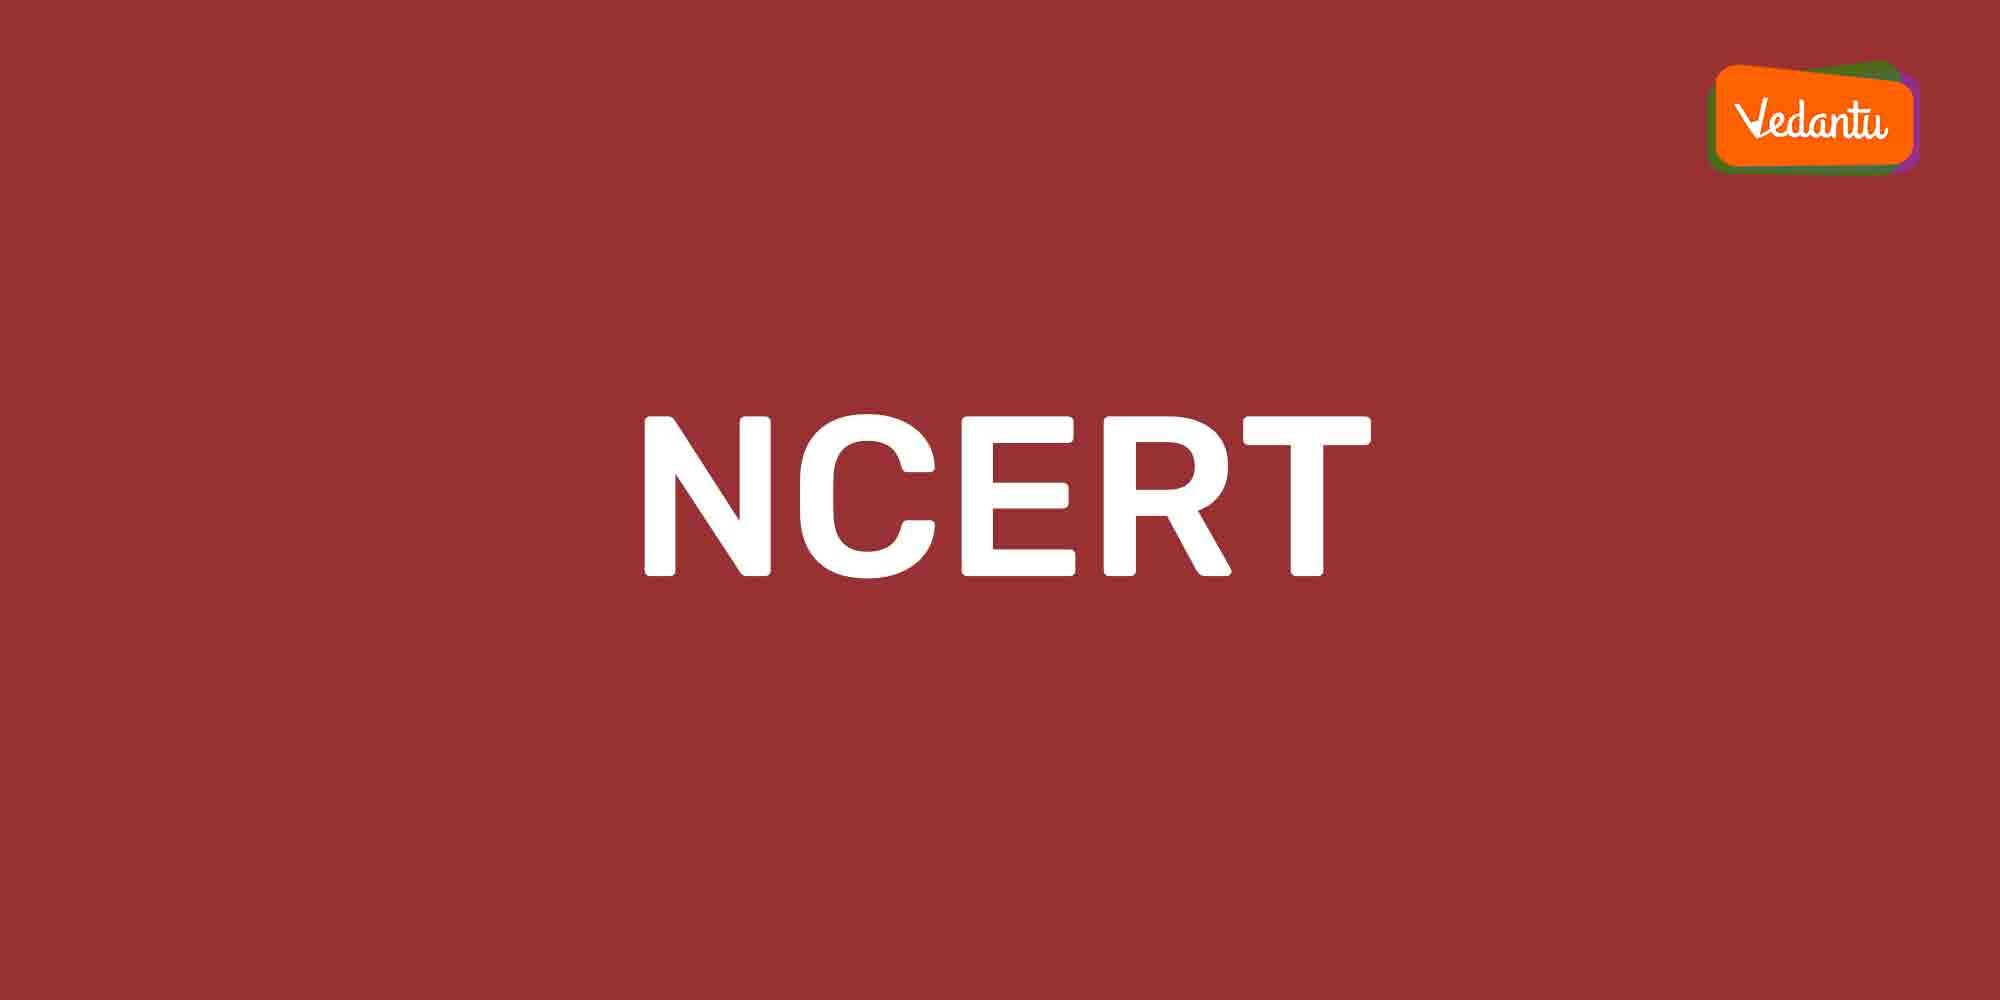 Benefits of NCERT and NCERT Exemplar in IIT JEE Preparation